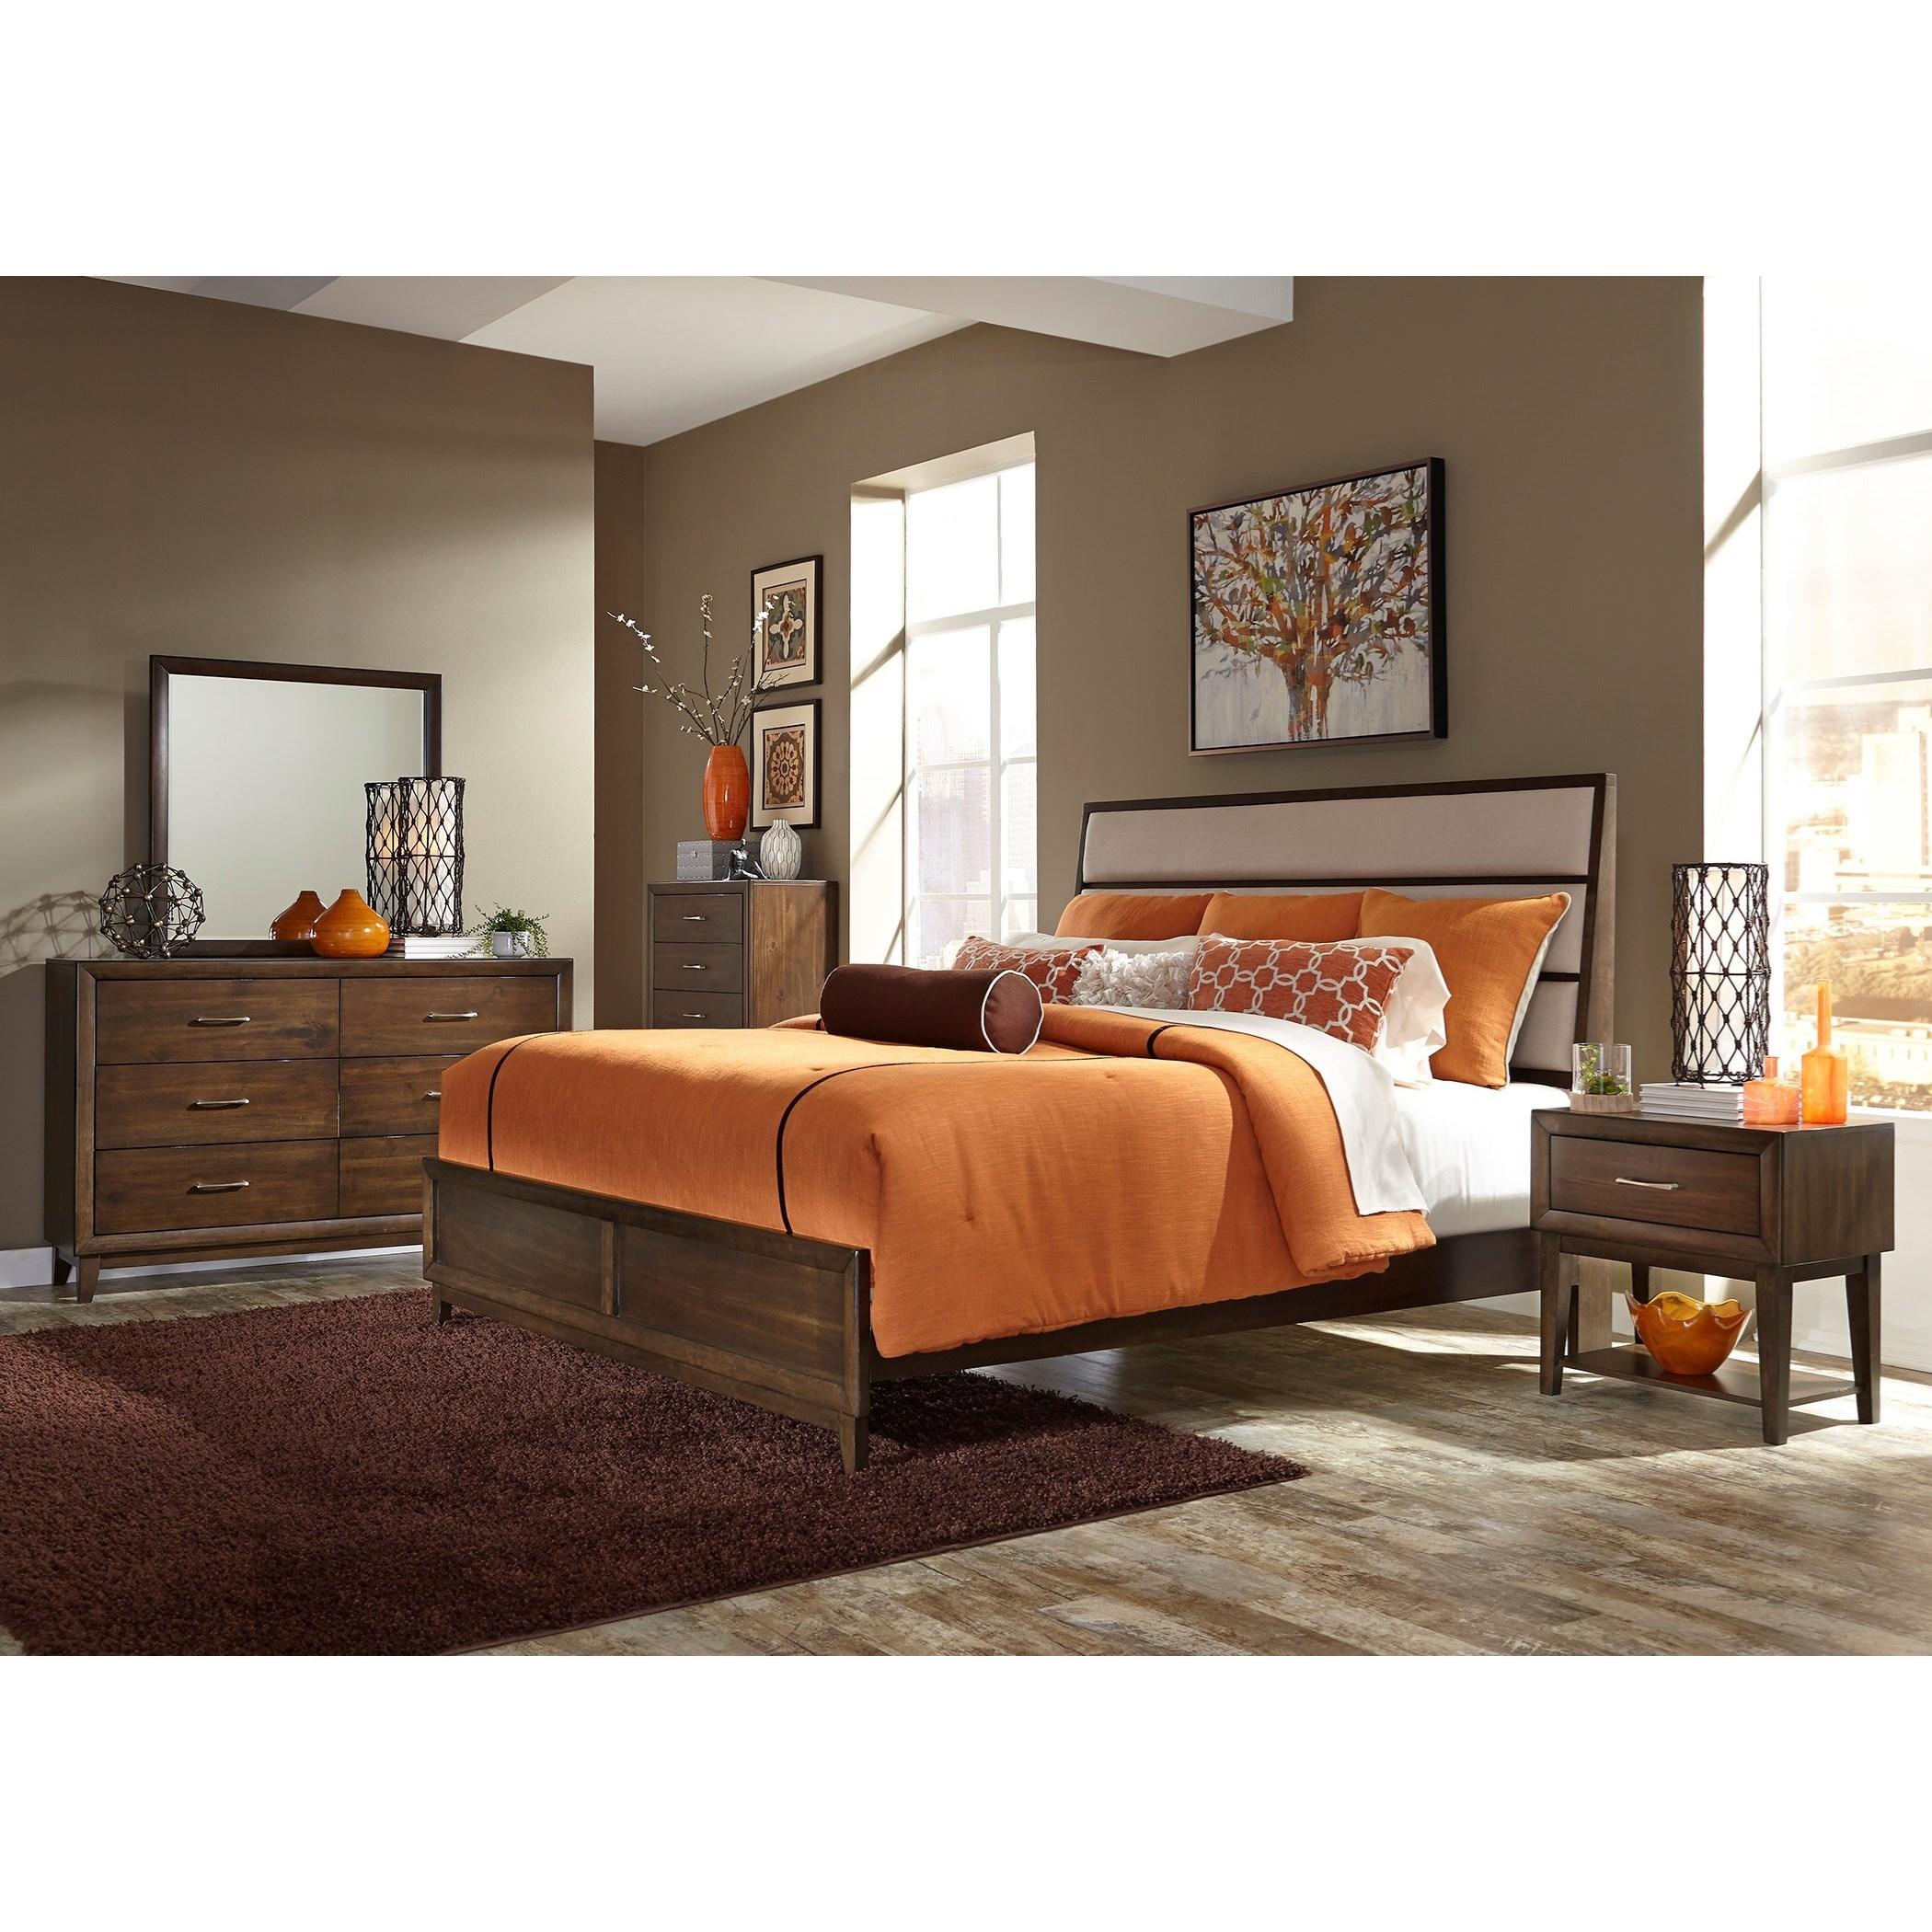 Liberty Furniture Hudson Square Bedroom Queen Bedroom Group - Item Number: 365-BR-QPBDMCN